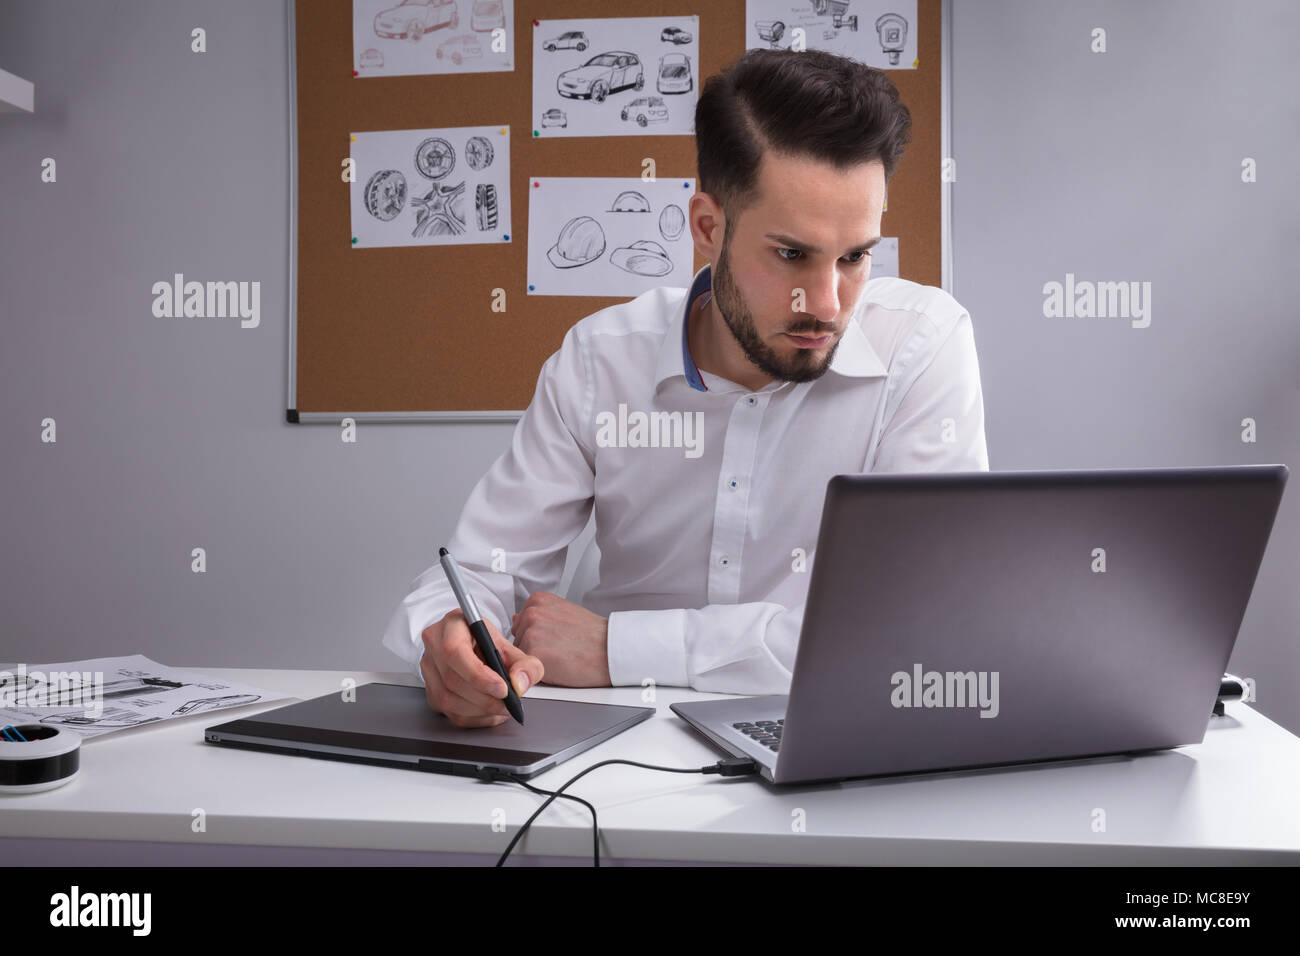 Concepteur de sexe masculin à l'aide de tablette graphique Working On Laptop Photo Stock